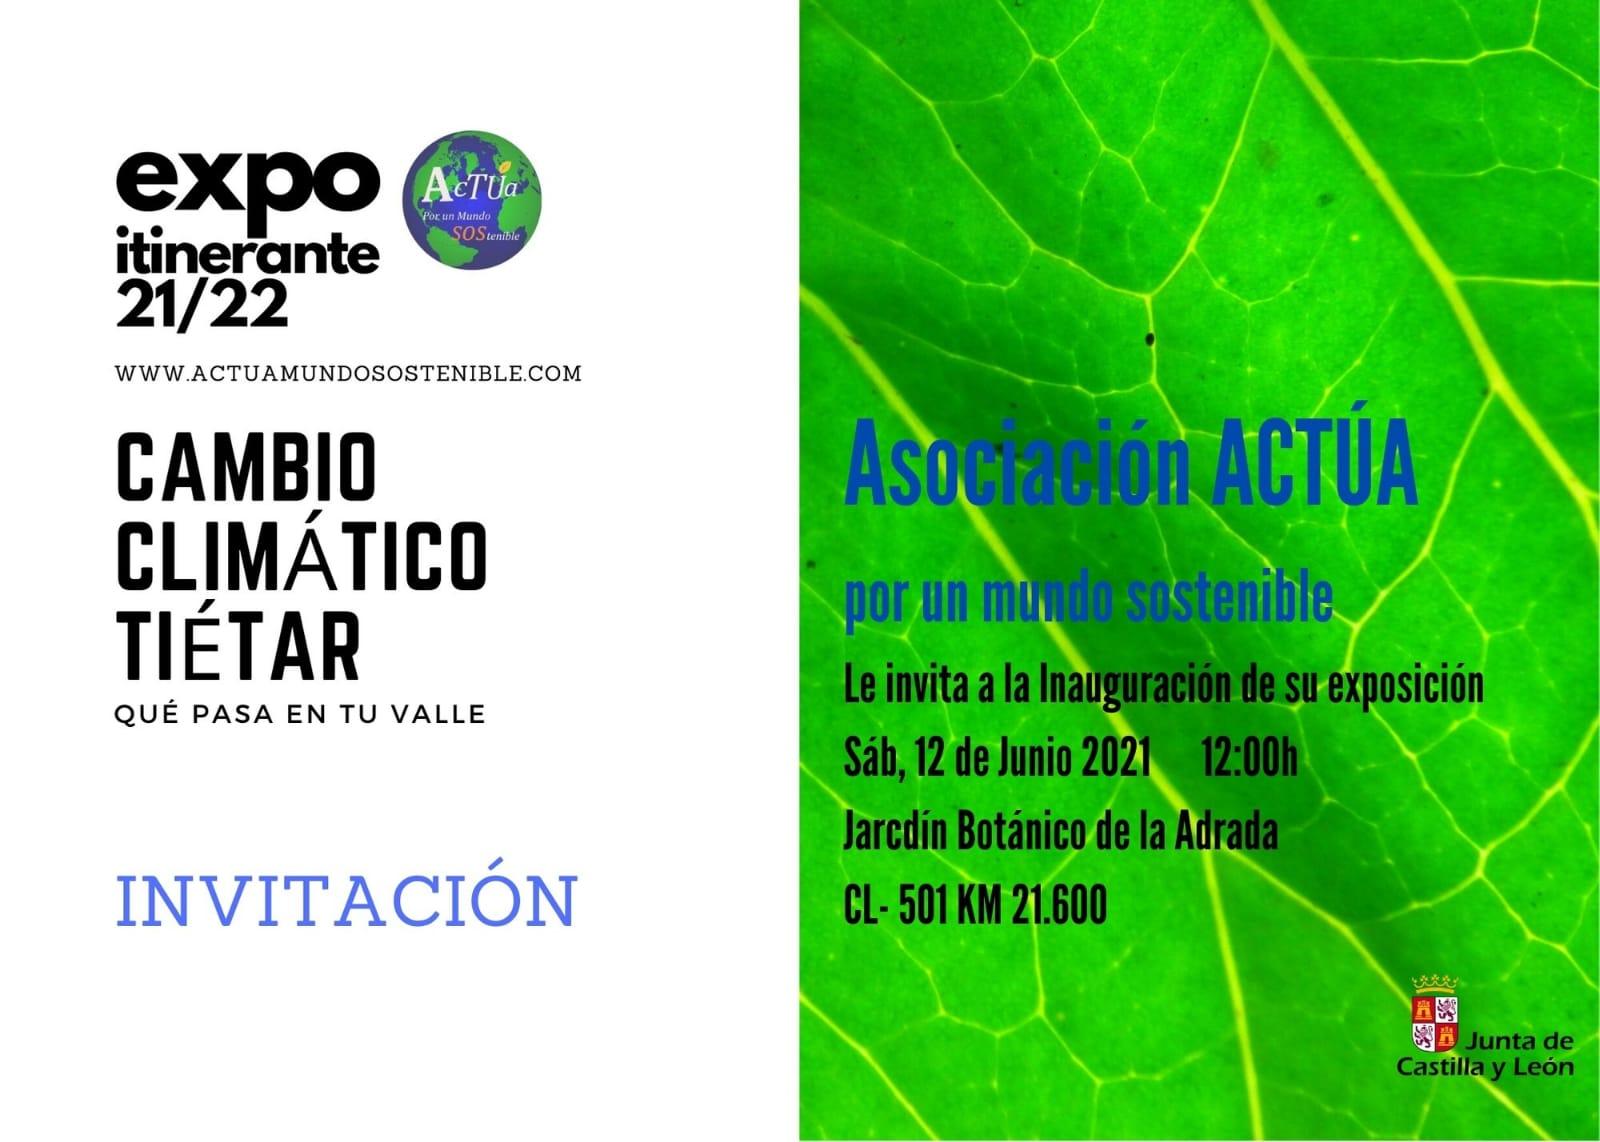 Exposición en el Jardín Botánico